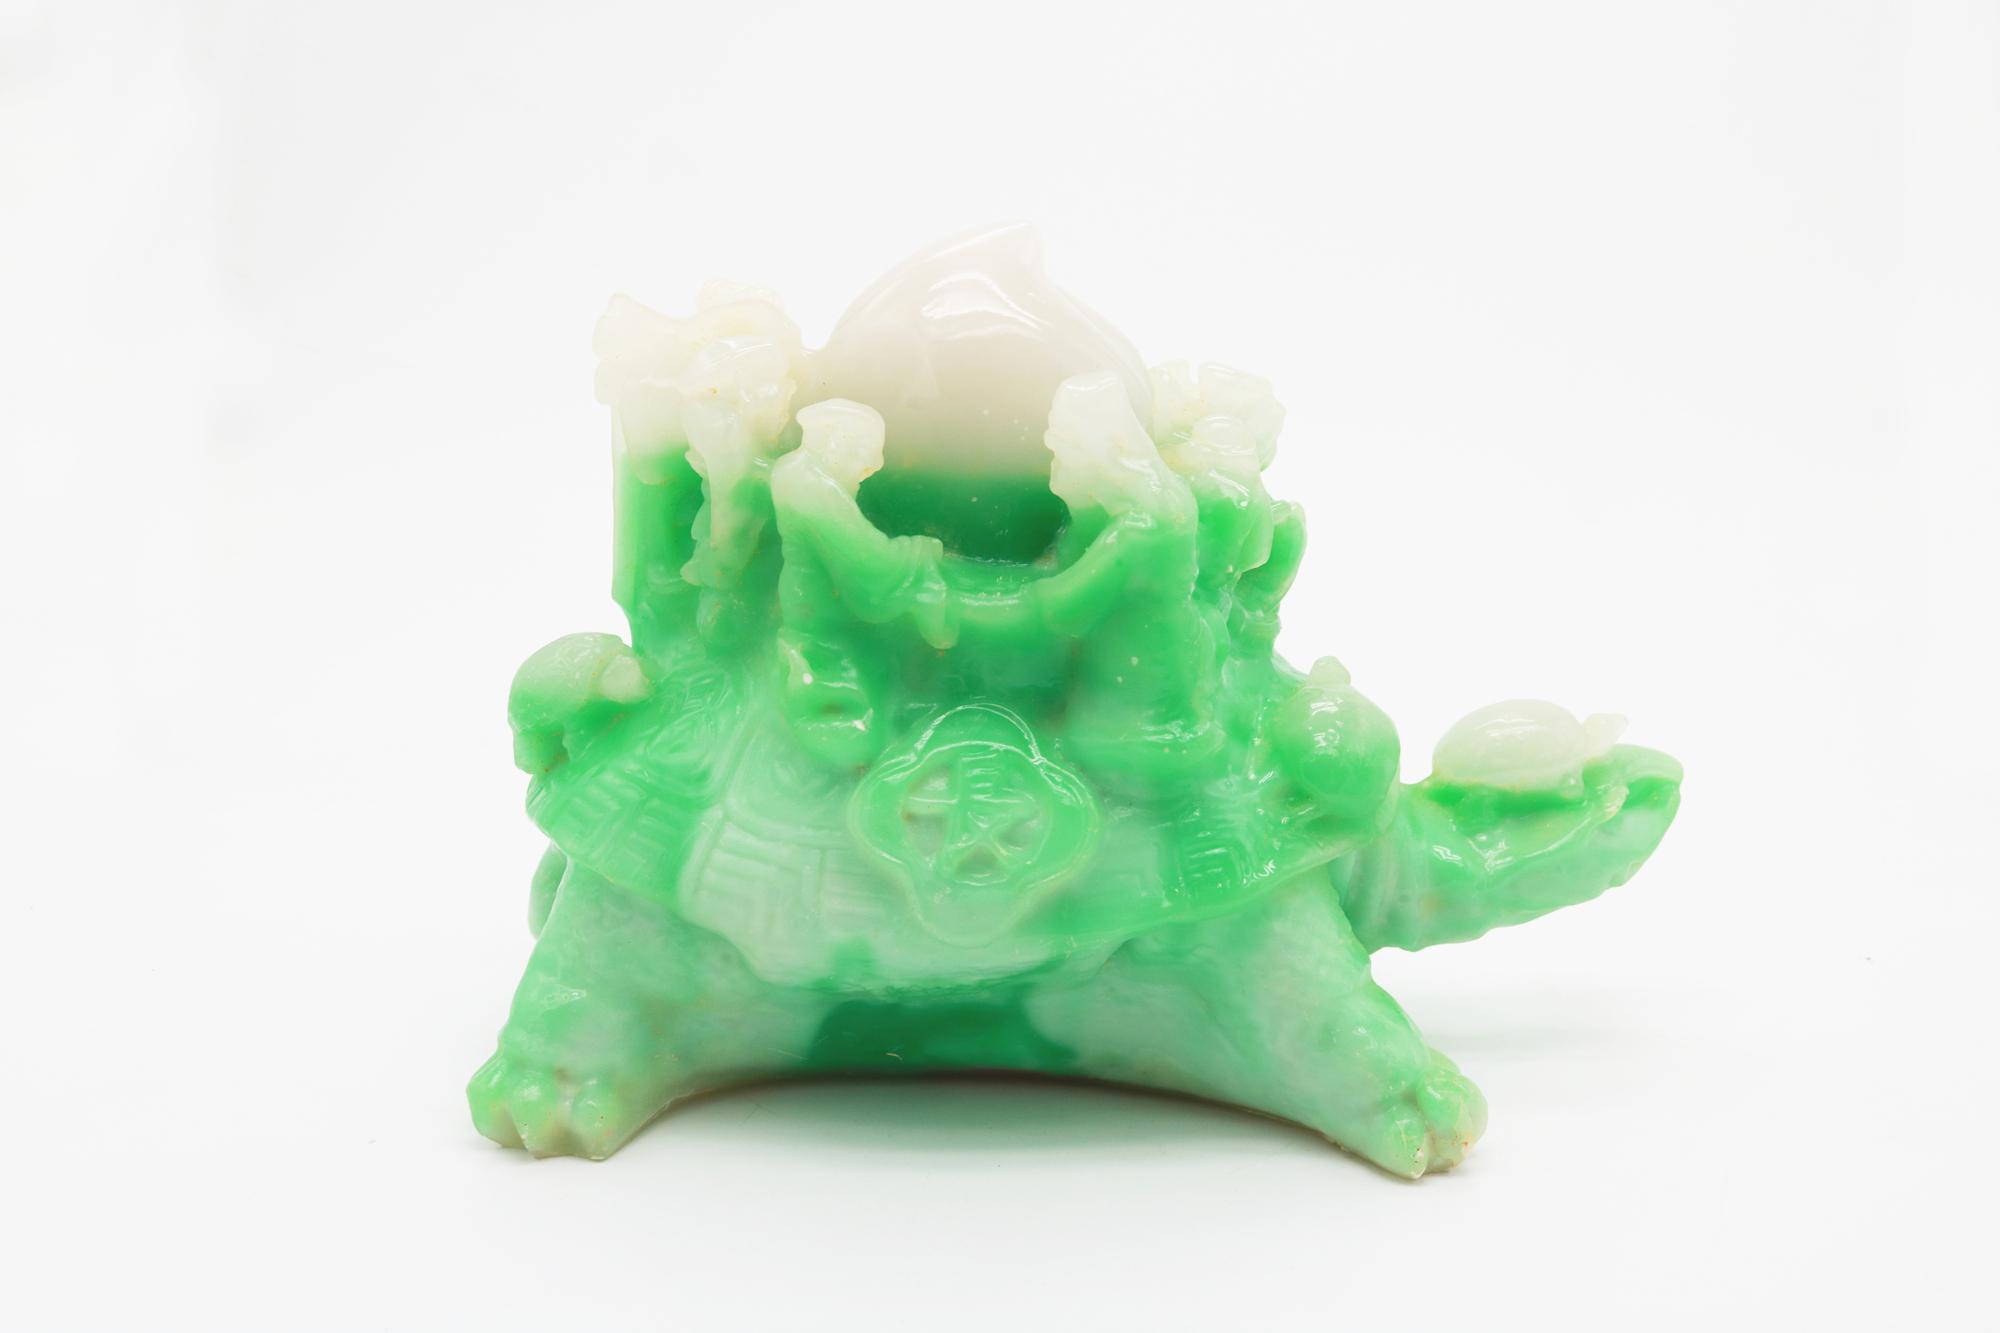 摆件取材于八仙过海为王母祝寿的神话,刻长寿龟驮着八仙护寿桃立体